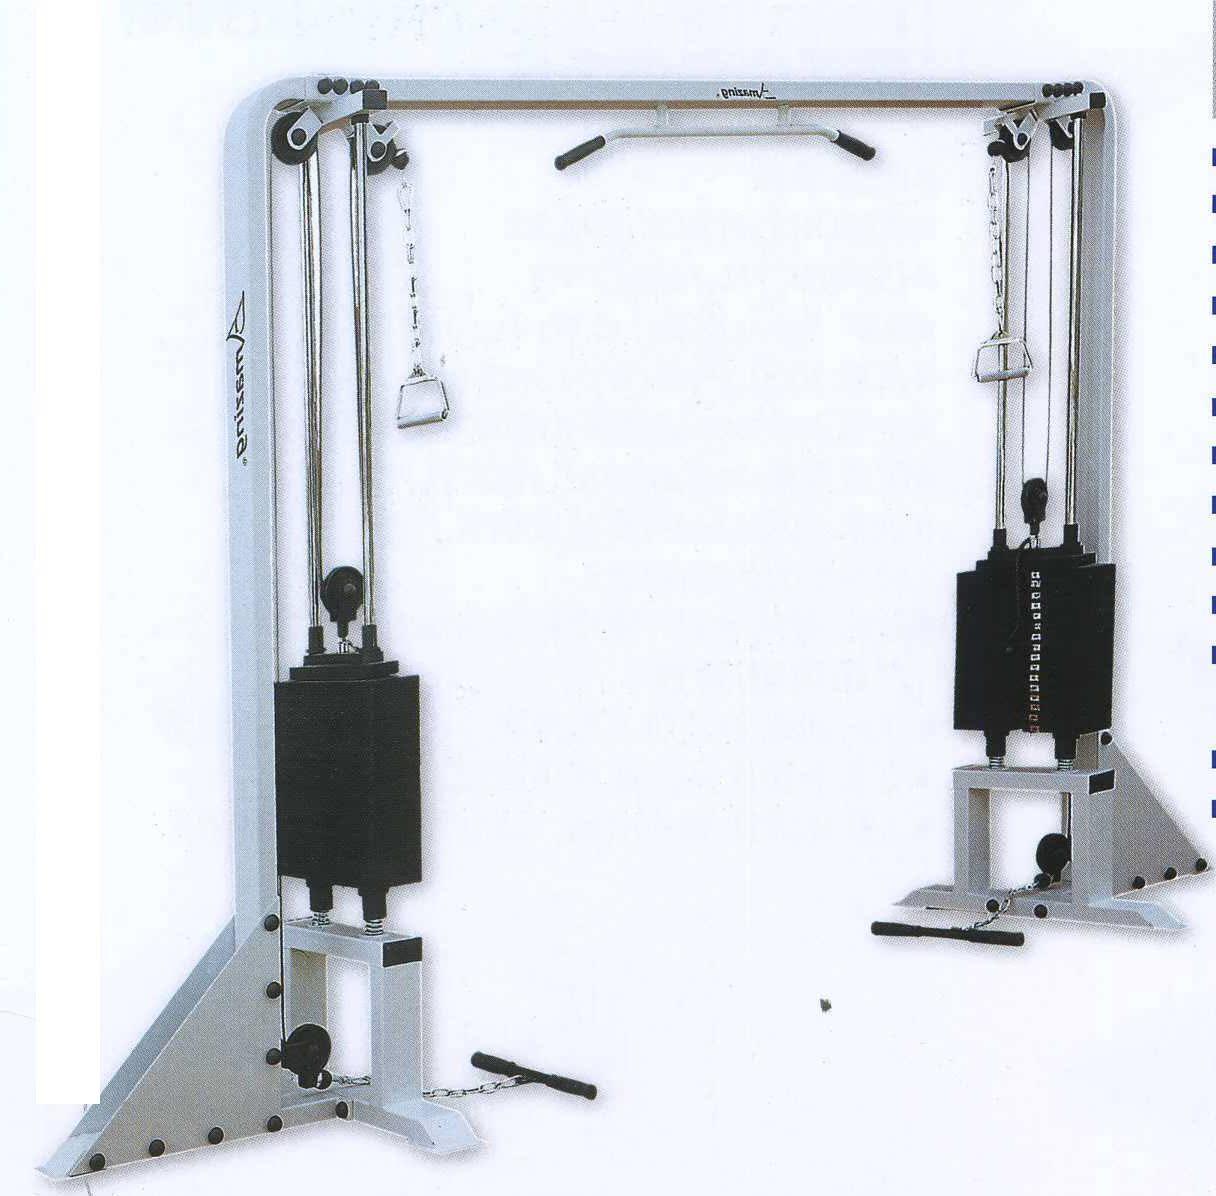 大飞鸟阿美神314双臂交叉训练器 健身房力量器材大型龙门训练器械